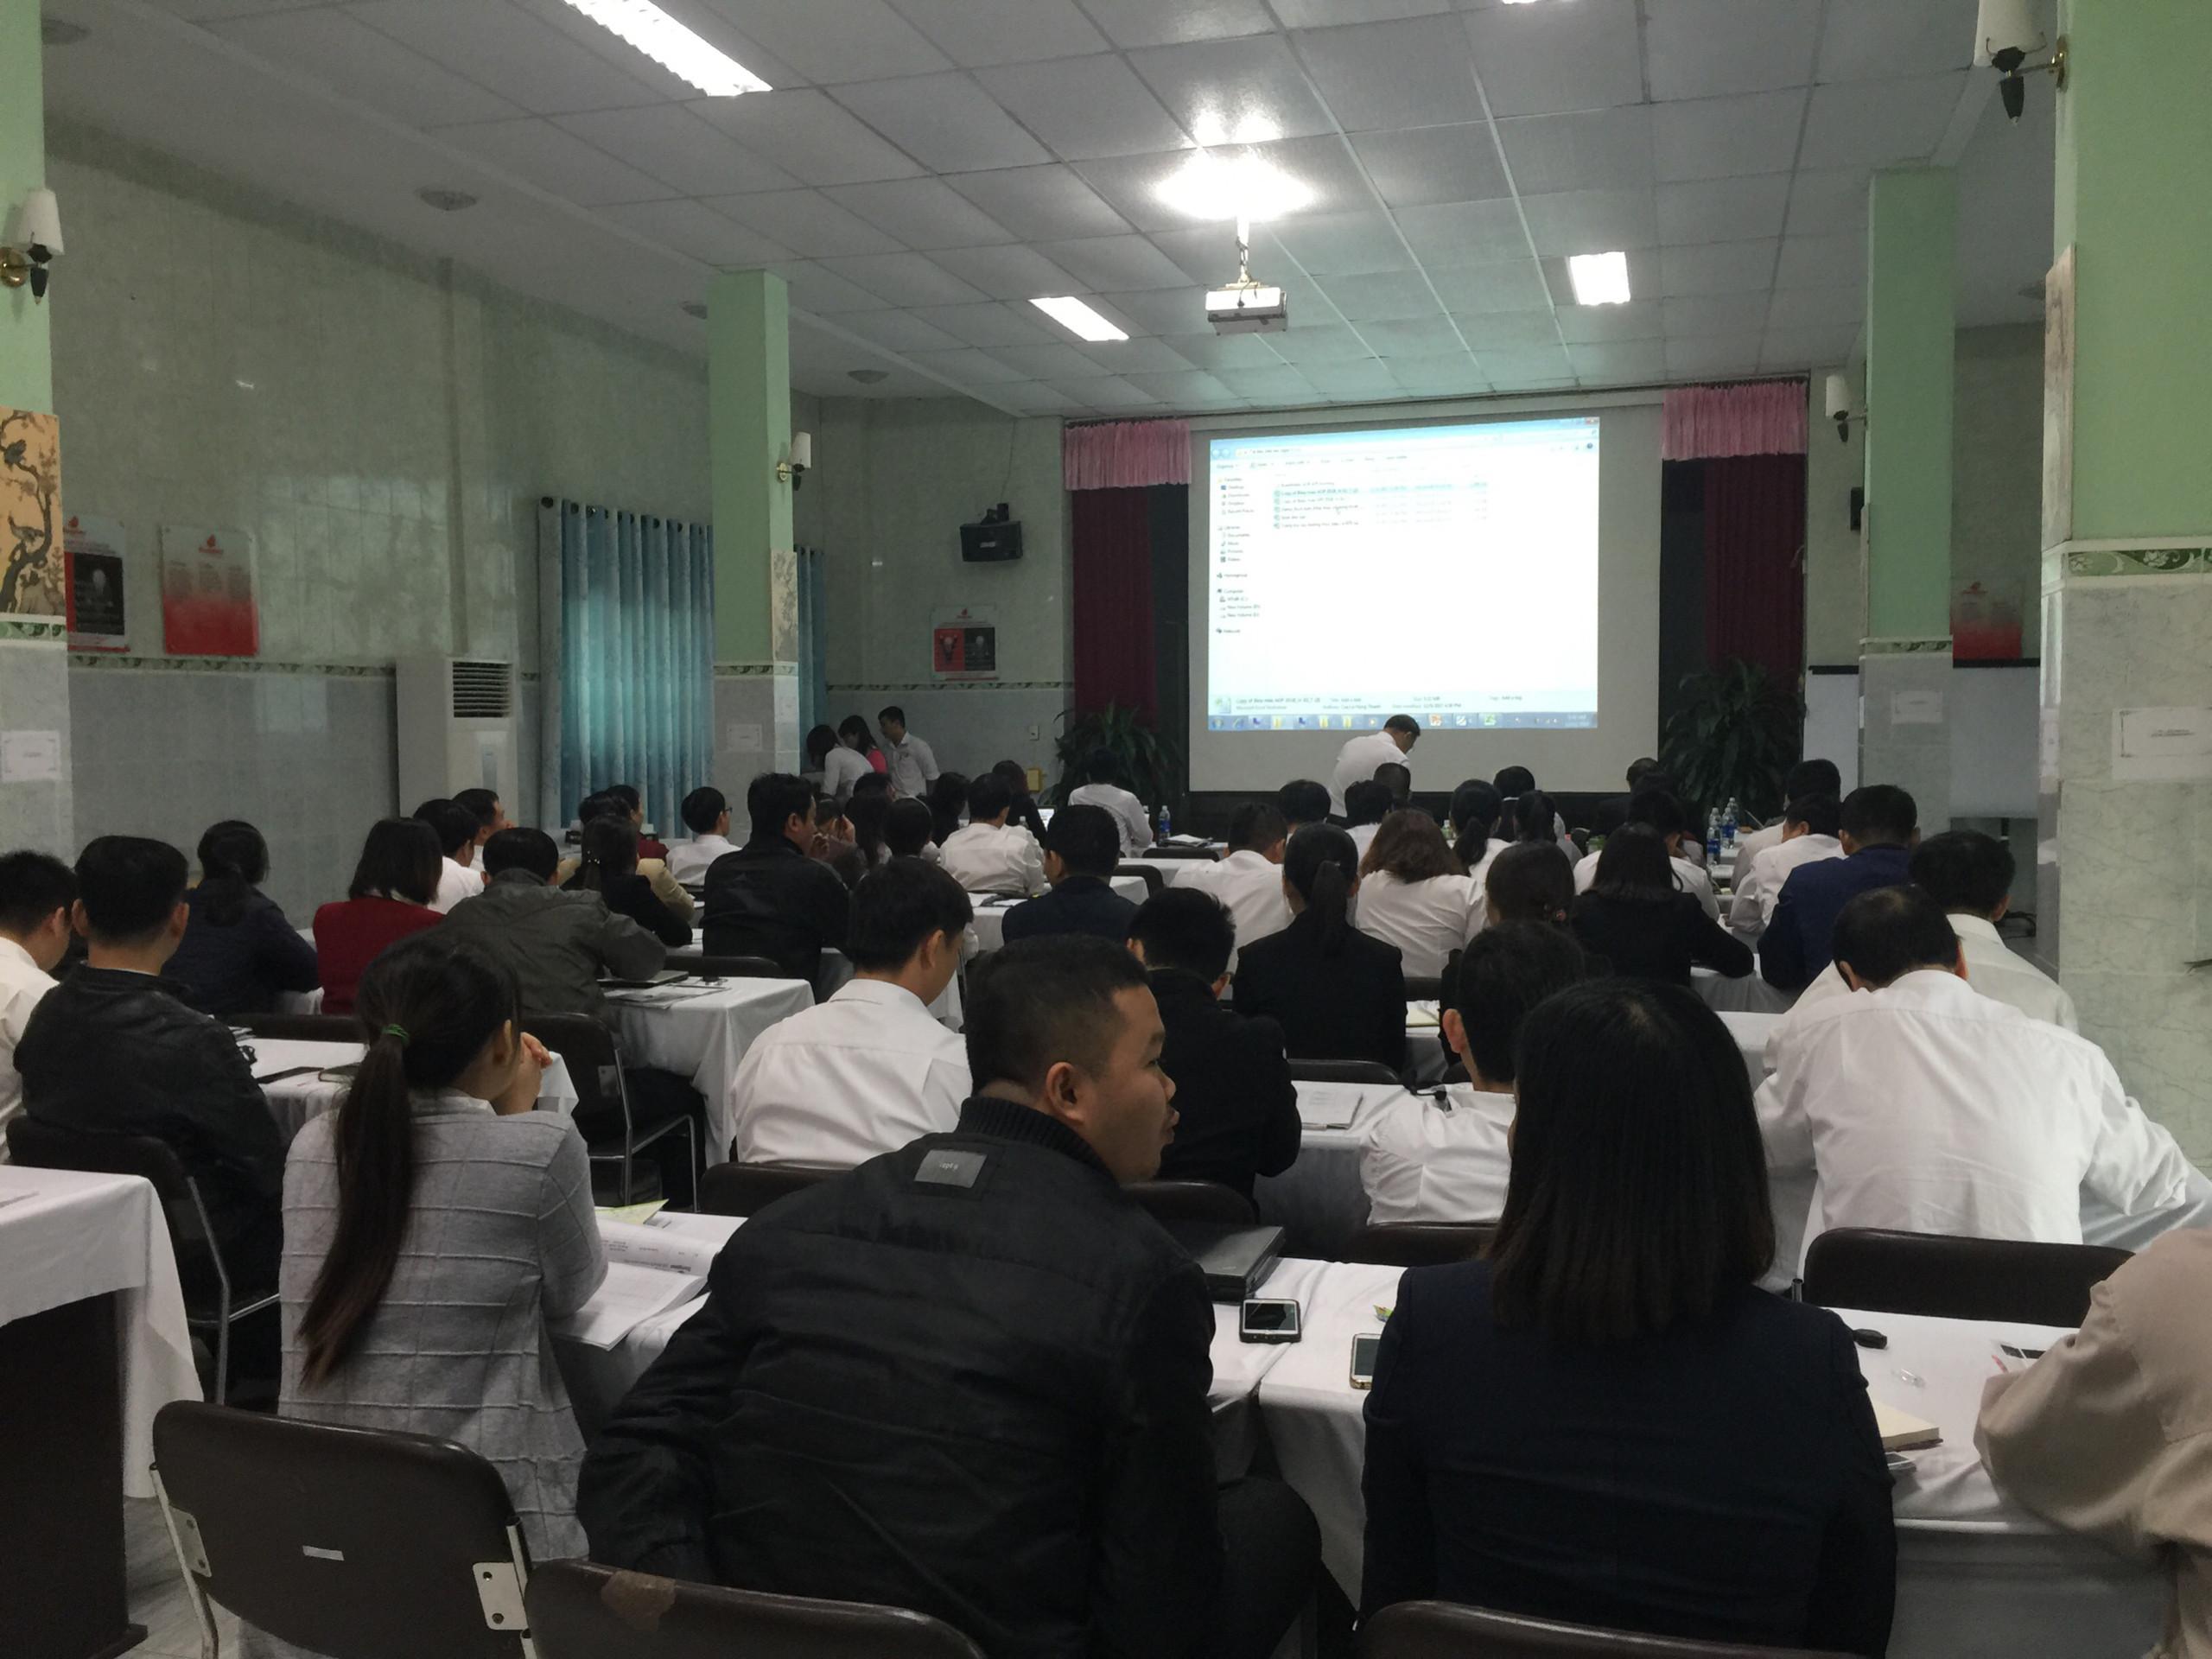 Dai Hy Palaceの販売コンサルタントおよび建設管理システム